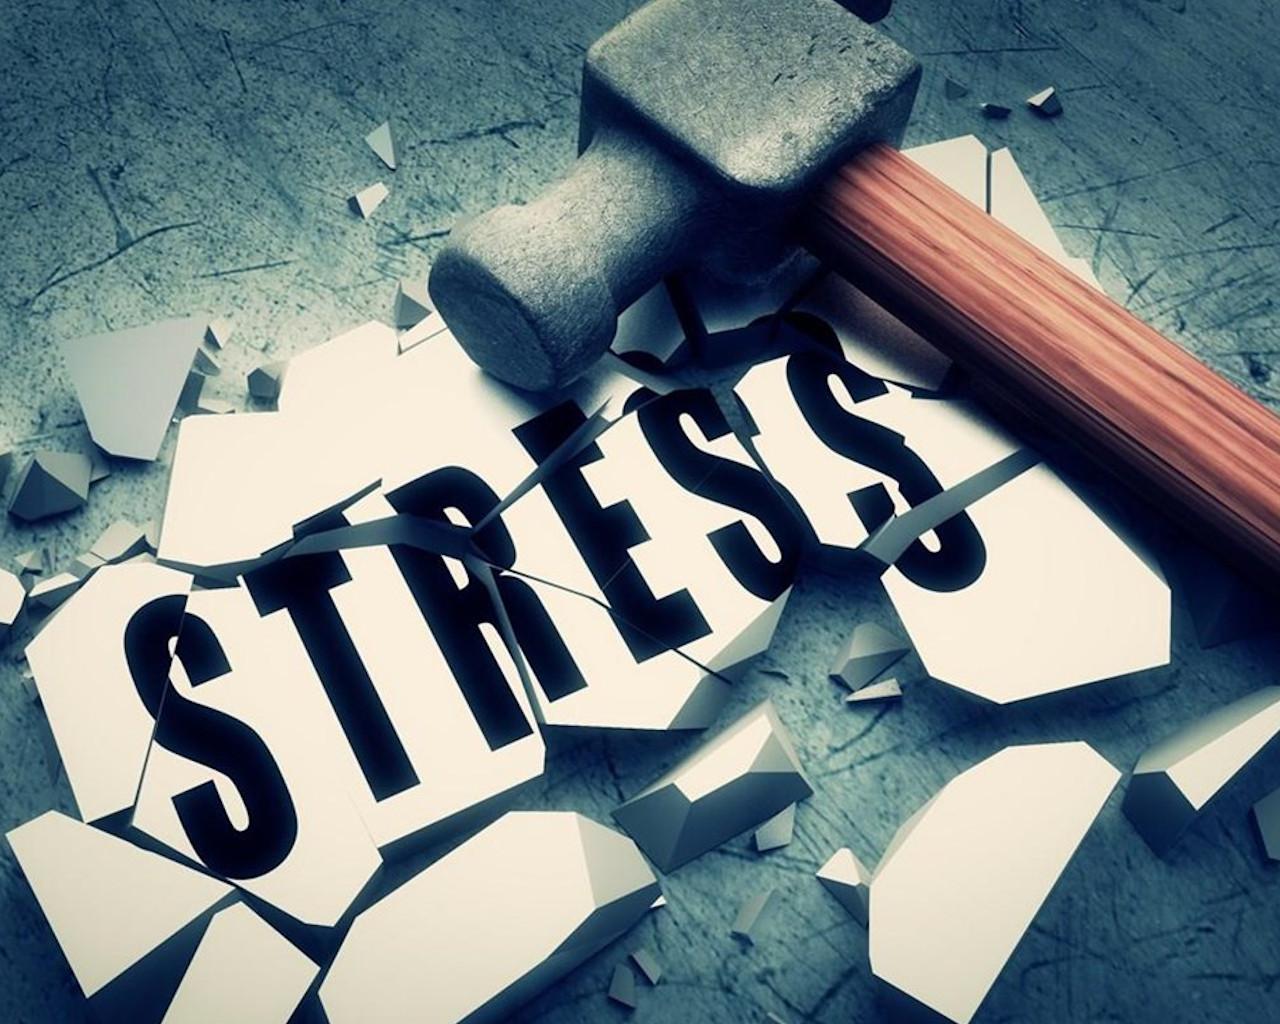 αγχος,στρες,καταθλιψη,κατάθλιψη συμπτώματα,καταθλιψη και δεκατα,καταθλιψη τεστ,καταθλιψη αντιμετωπιση,καταθλιψη αγγλικα,καταθλιψη φαρμακα,καταθλιψη θεραπεια,καταθλιψη κολπου